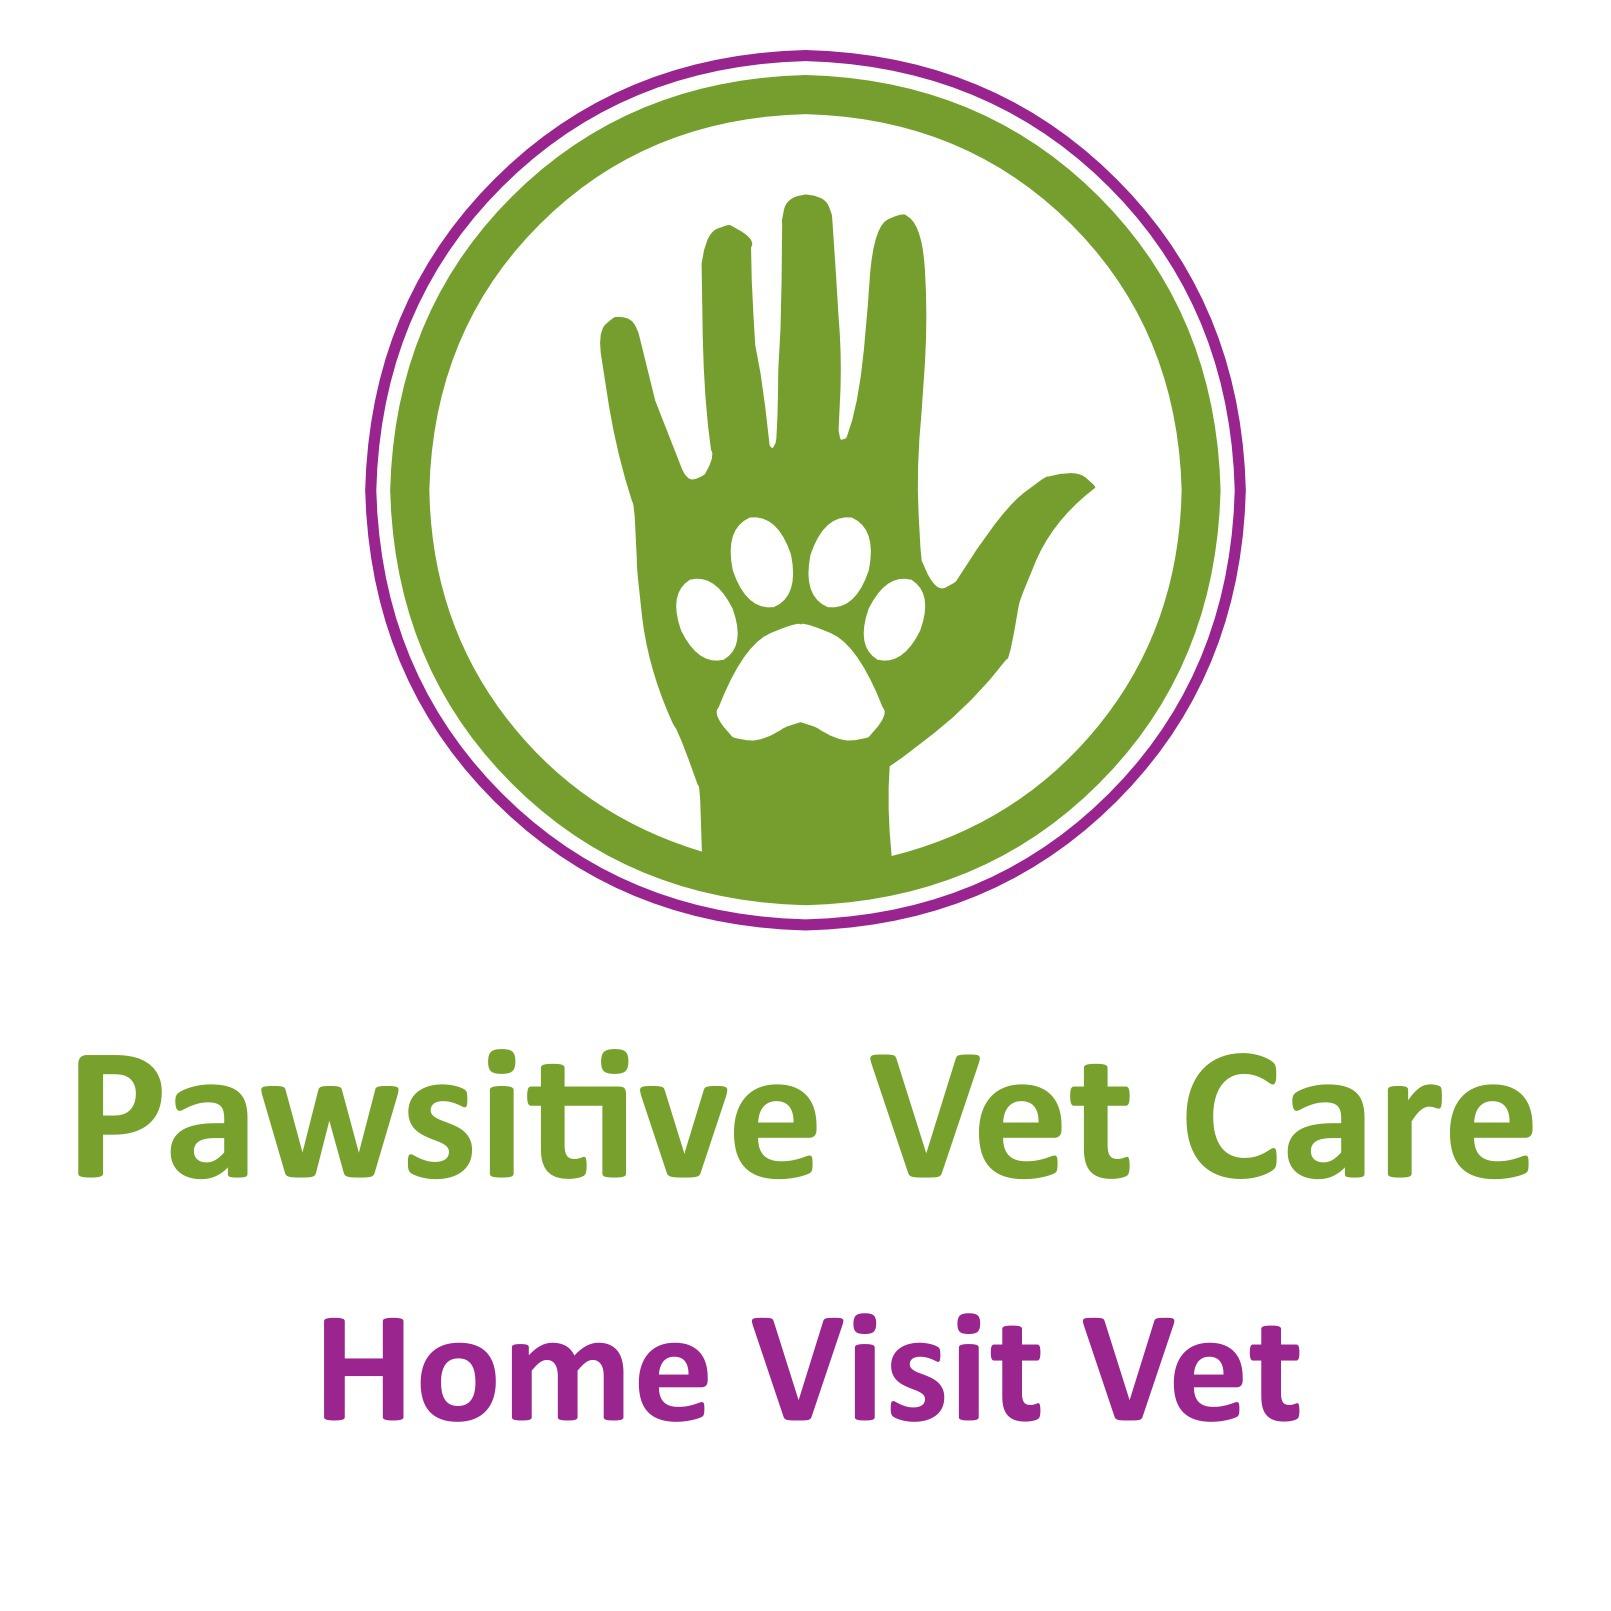 Pawsitive Vet Care - Home Visit Vet